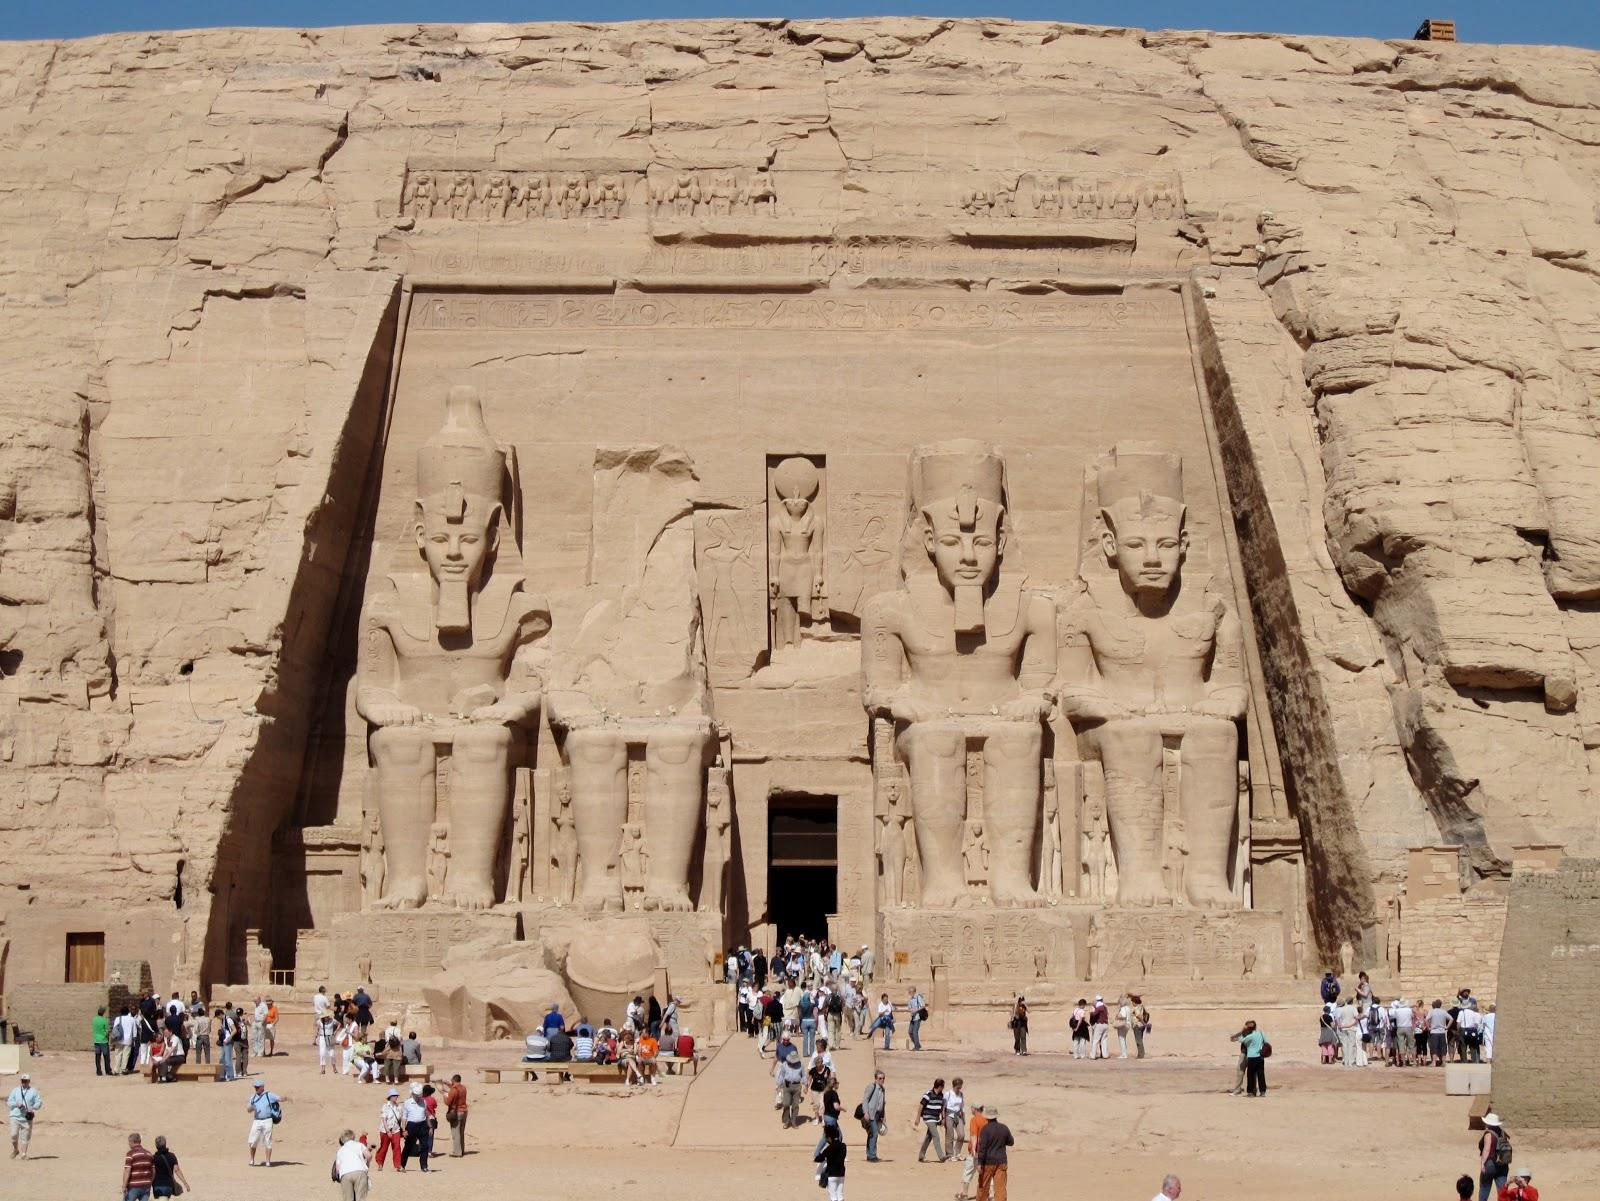 青年期から壮年期までの四体の巨大なラムセス二世の像が並ぶ(右から二体目は上半身が倒壊している)アブシンベル神殿の正面